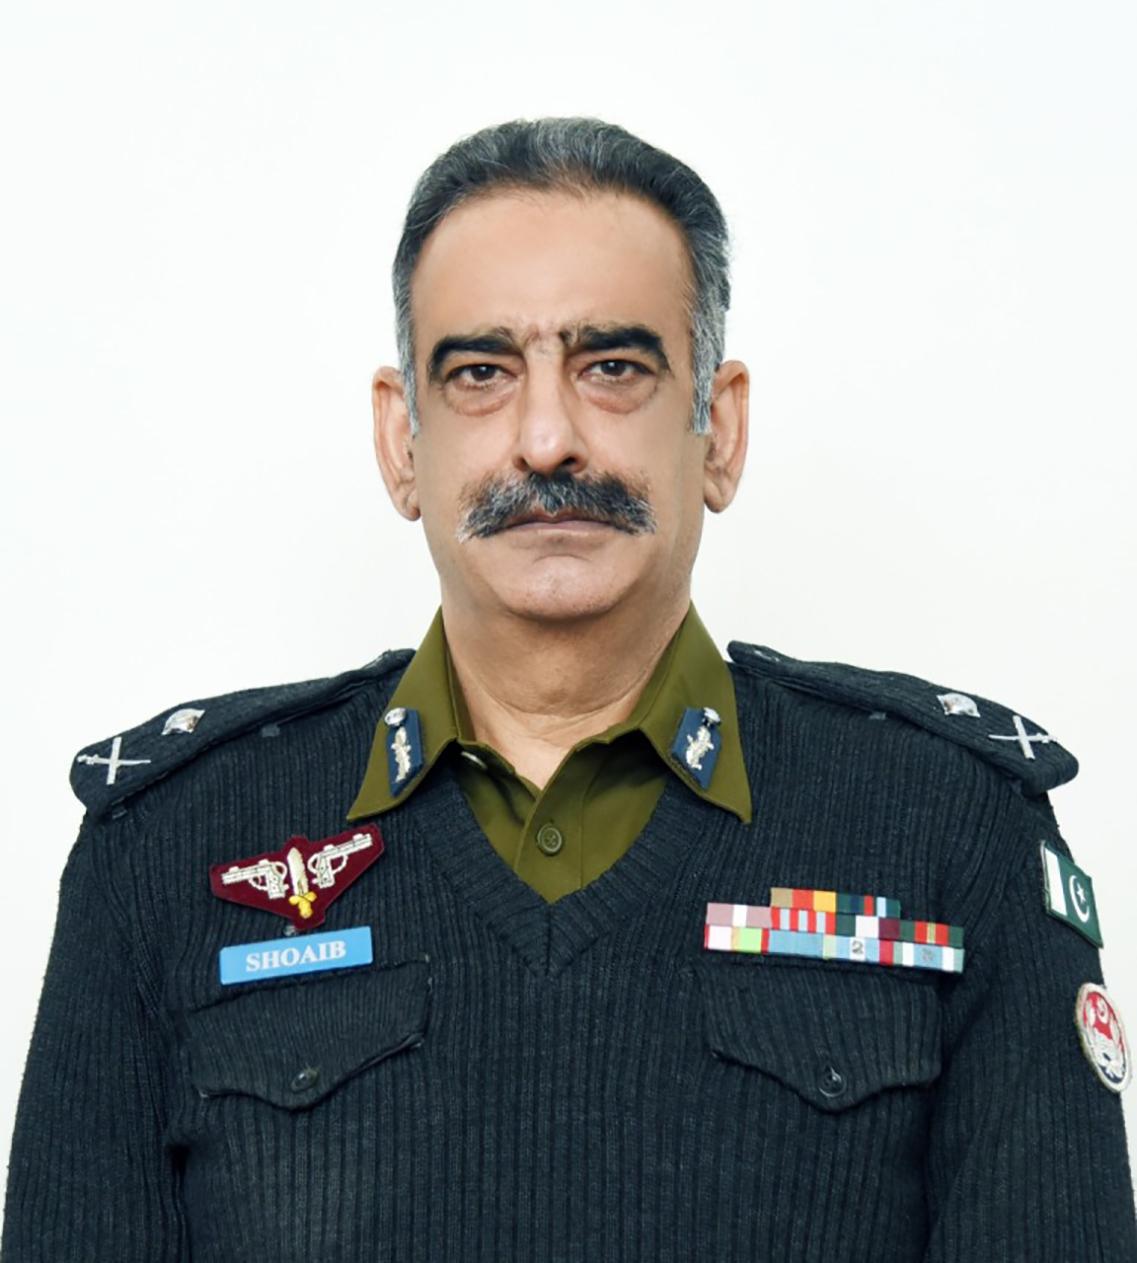 https://pkm.punjab.gov.pk/assets/frontend/images/OfficialPIC-IGP-Dastagir_1.jpg